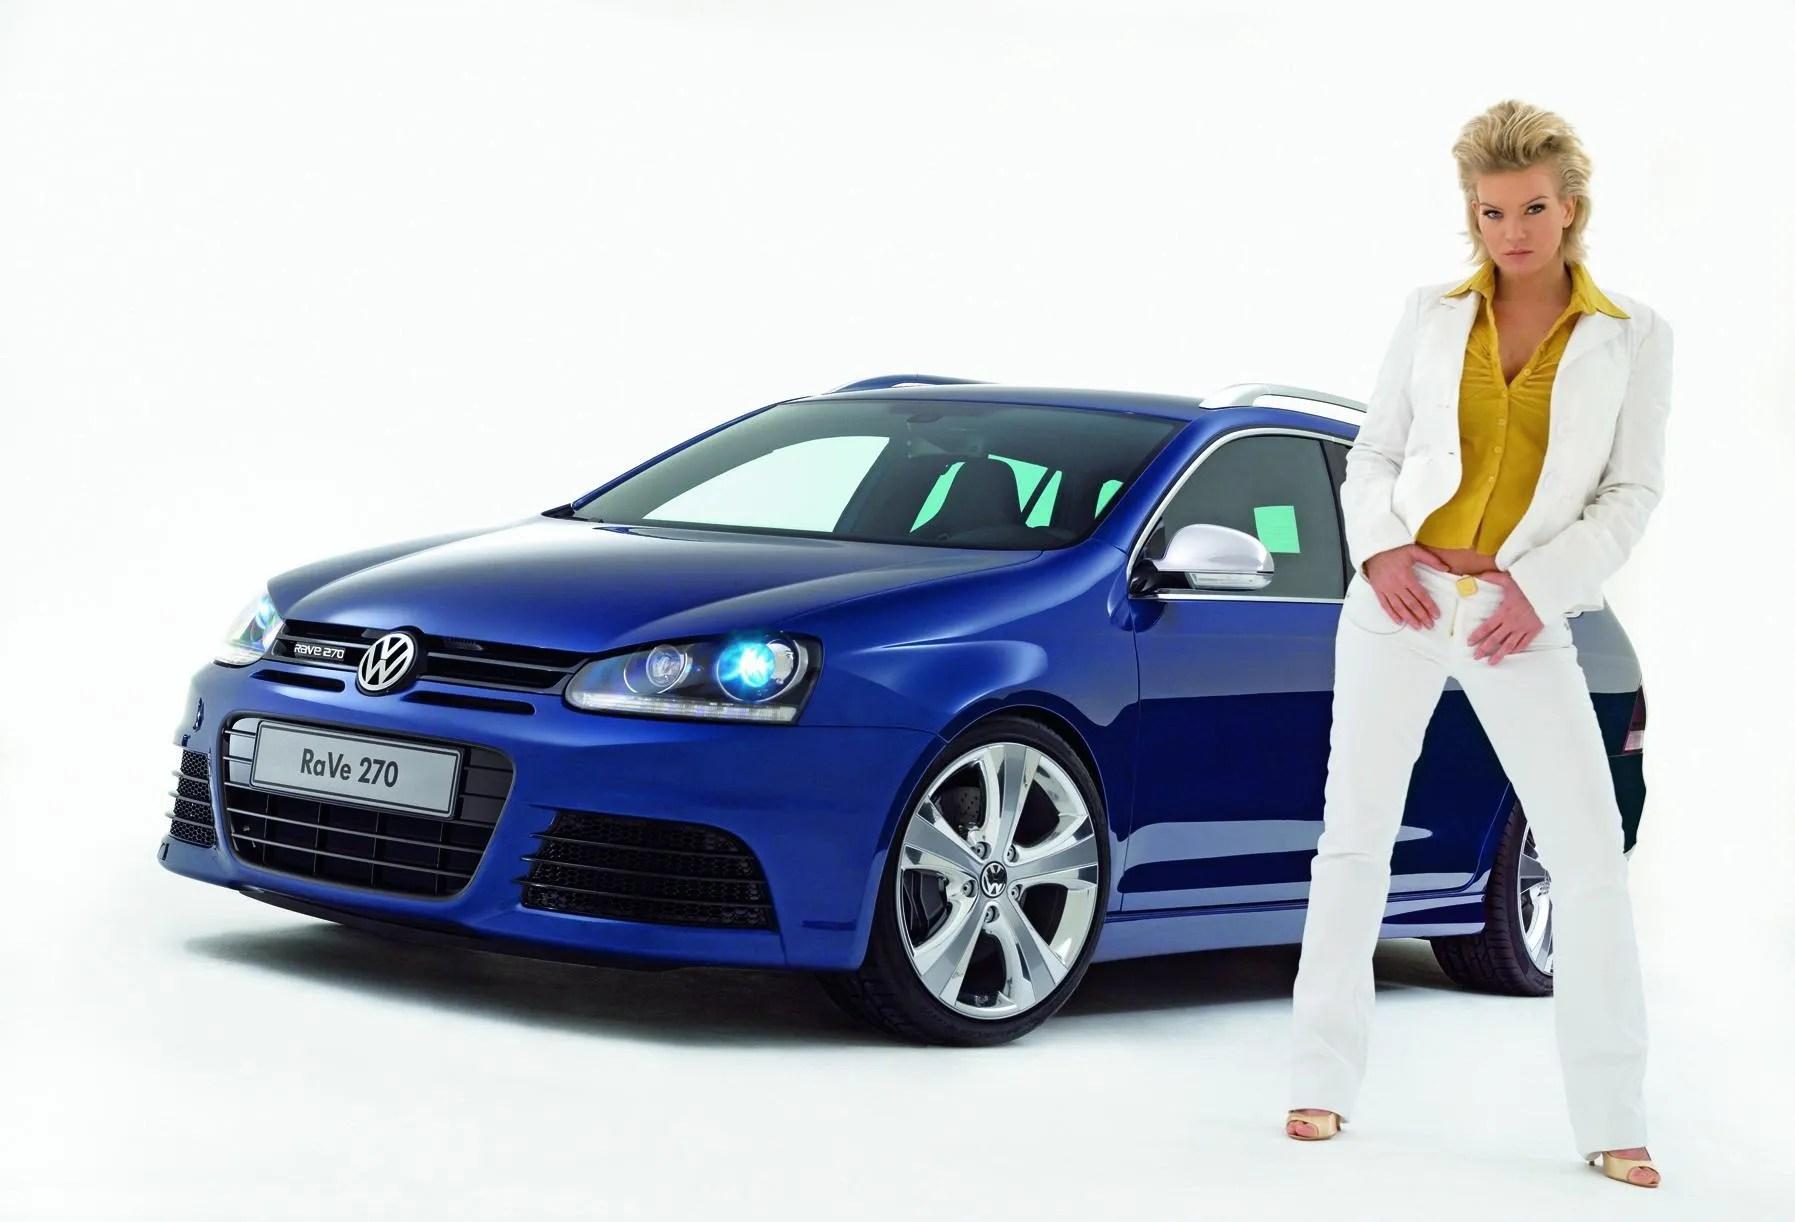 2007 Volkswagen Golf Variant RaVe 270 Top Speed